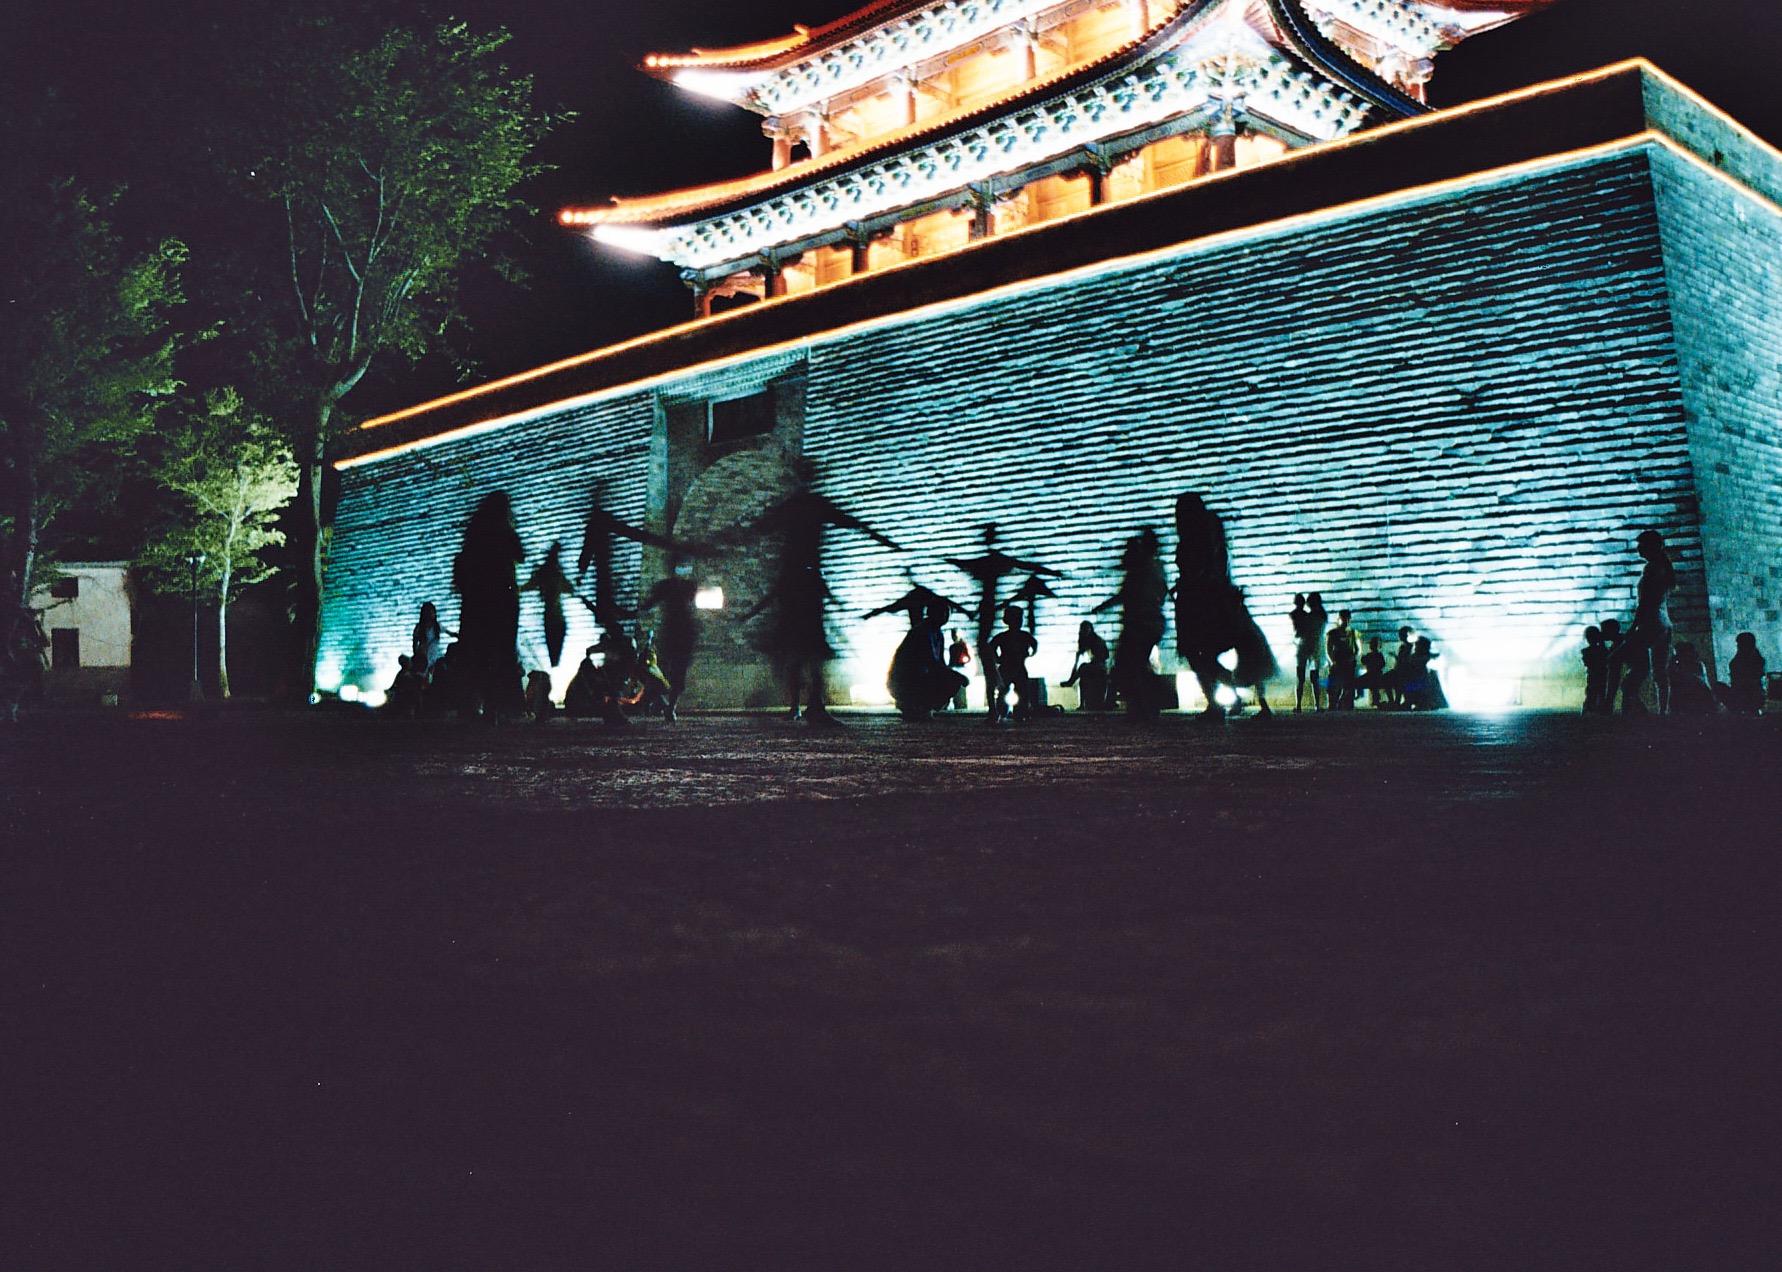 Southern China - 2011